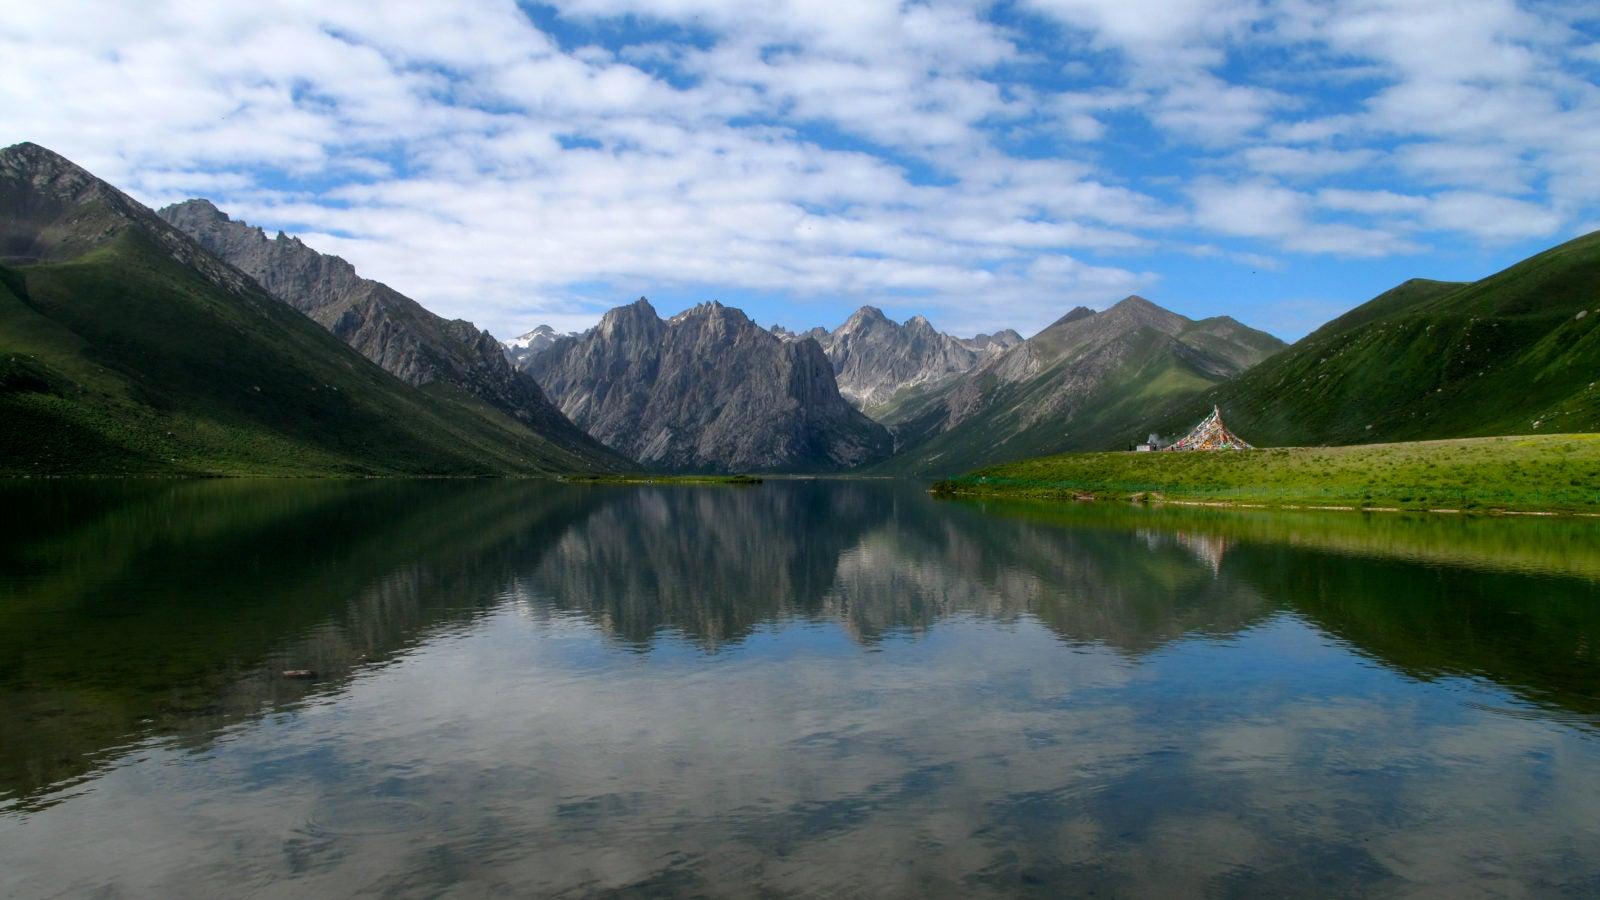 Tibetan Plateau Lake